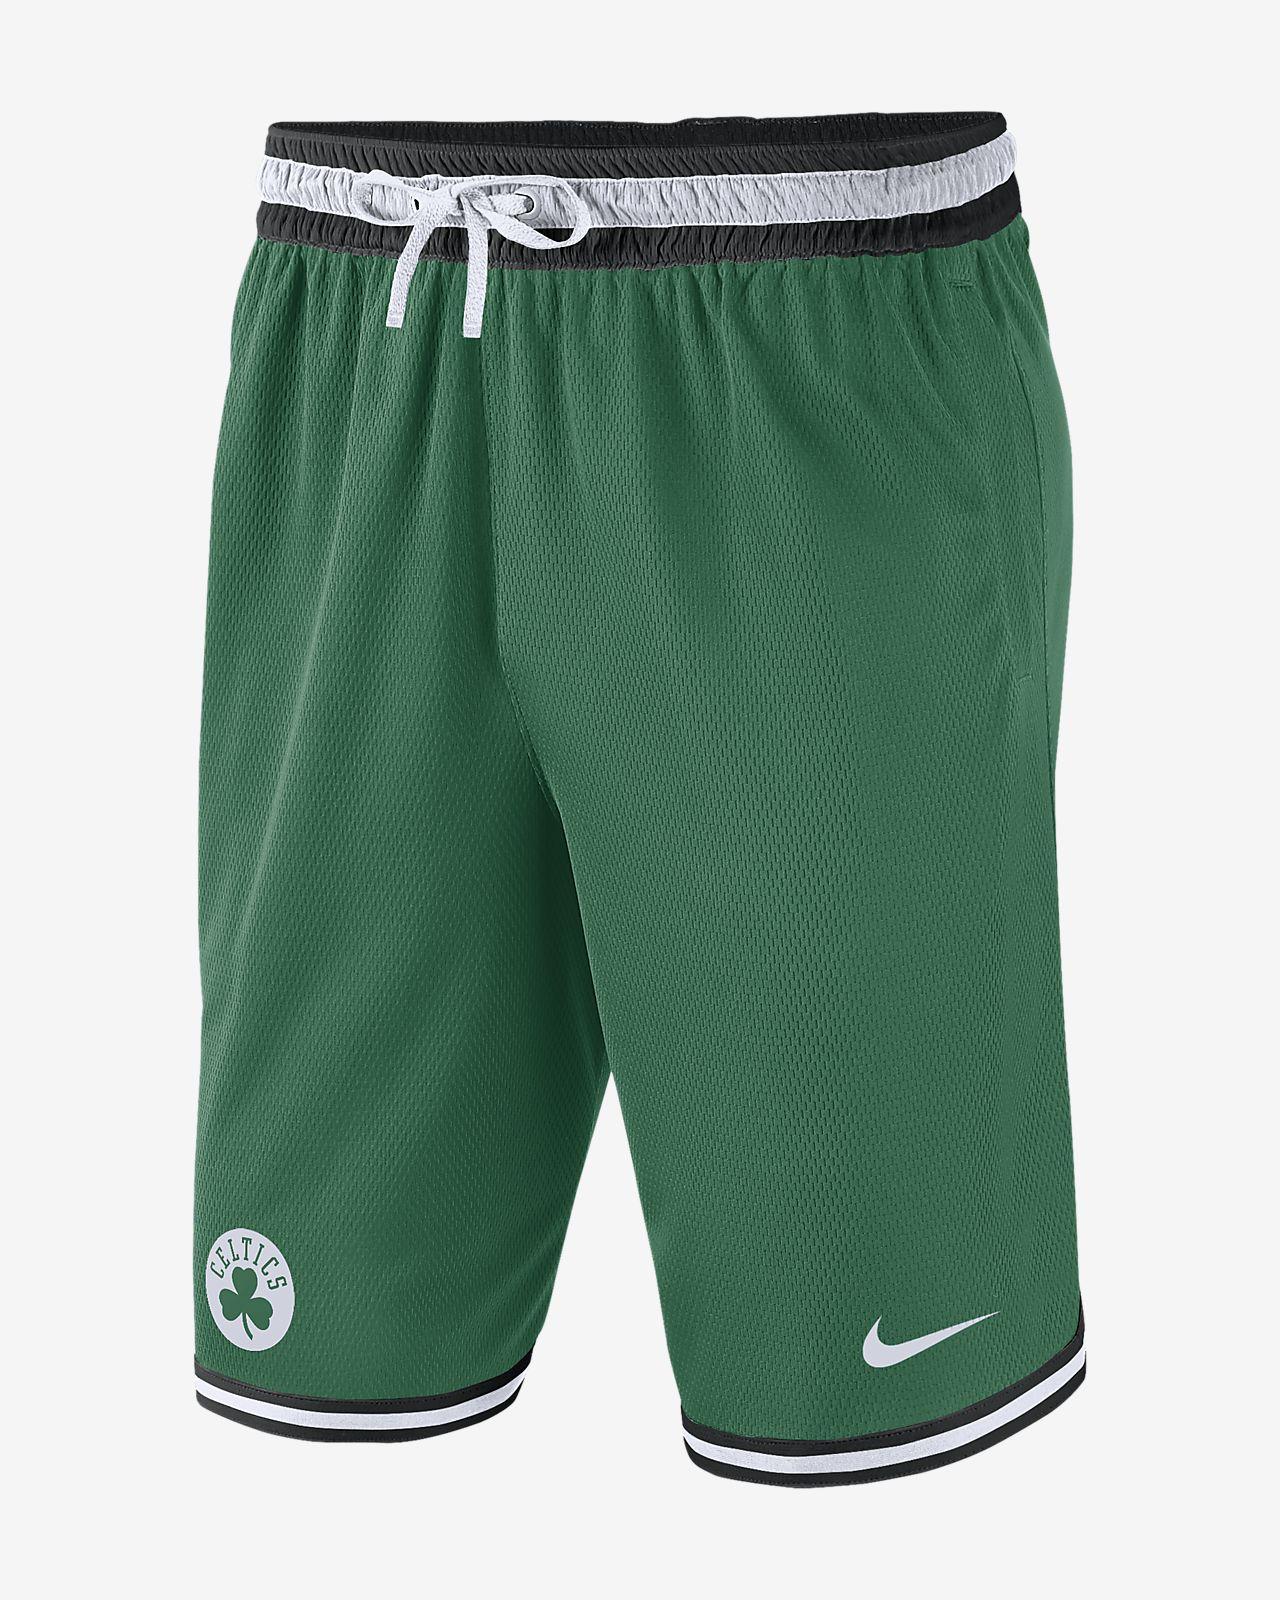 Boston Celtics Nike Pantalón corto de la NBA - Hombre